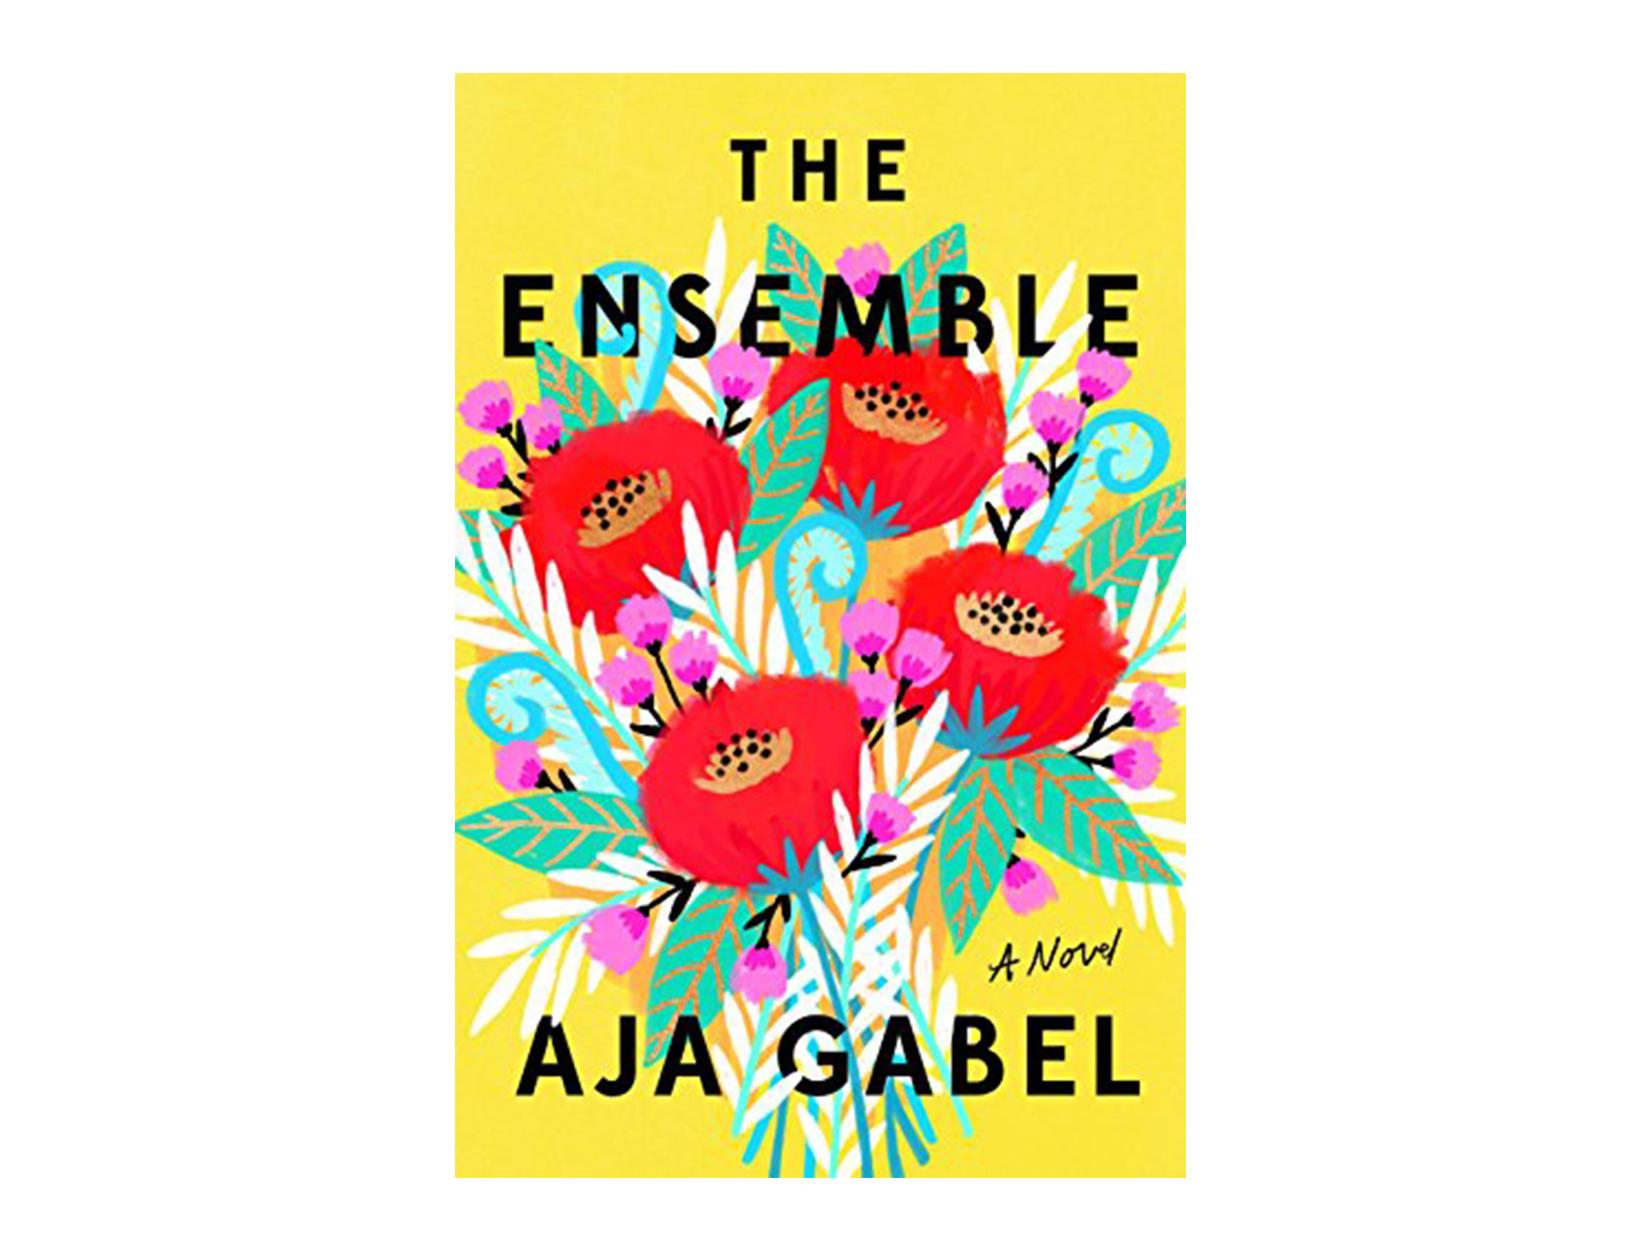 <em>The Ensemble</em> by Aja Gabel